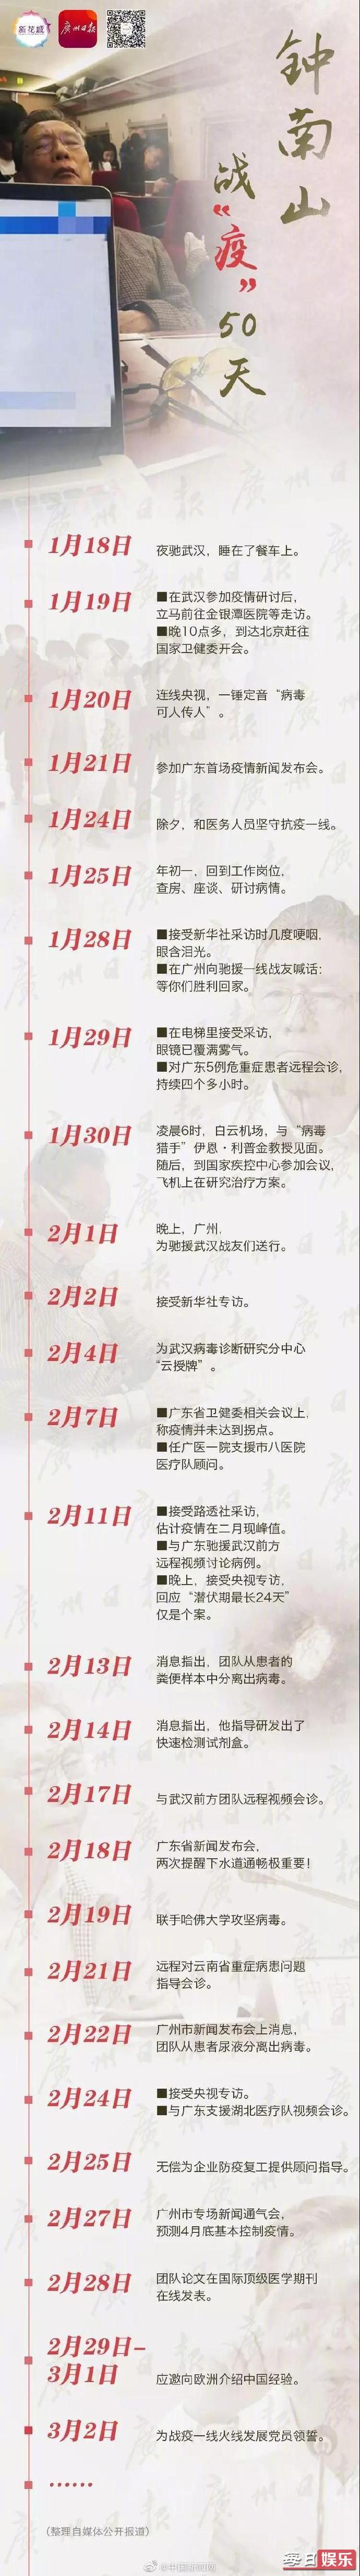 钟南山50天的行程详细是什么 钟南山爷爷都去了那边?